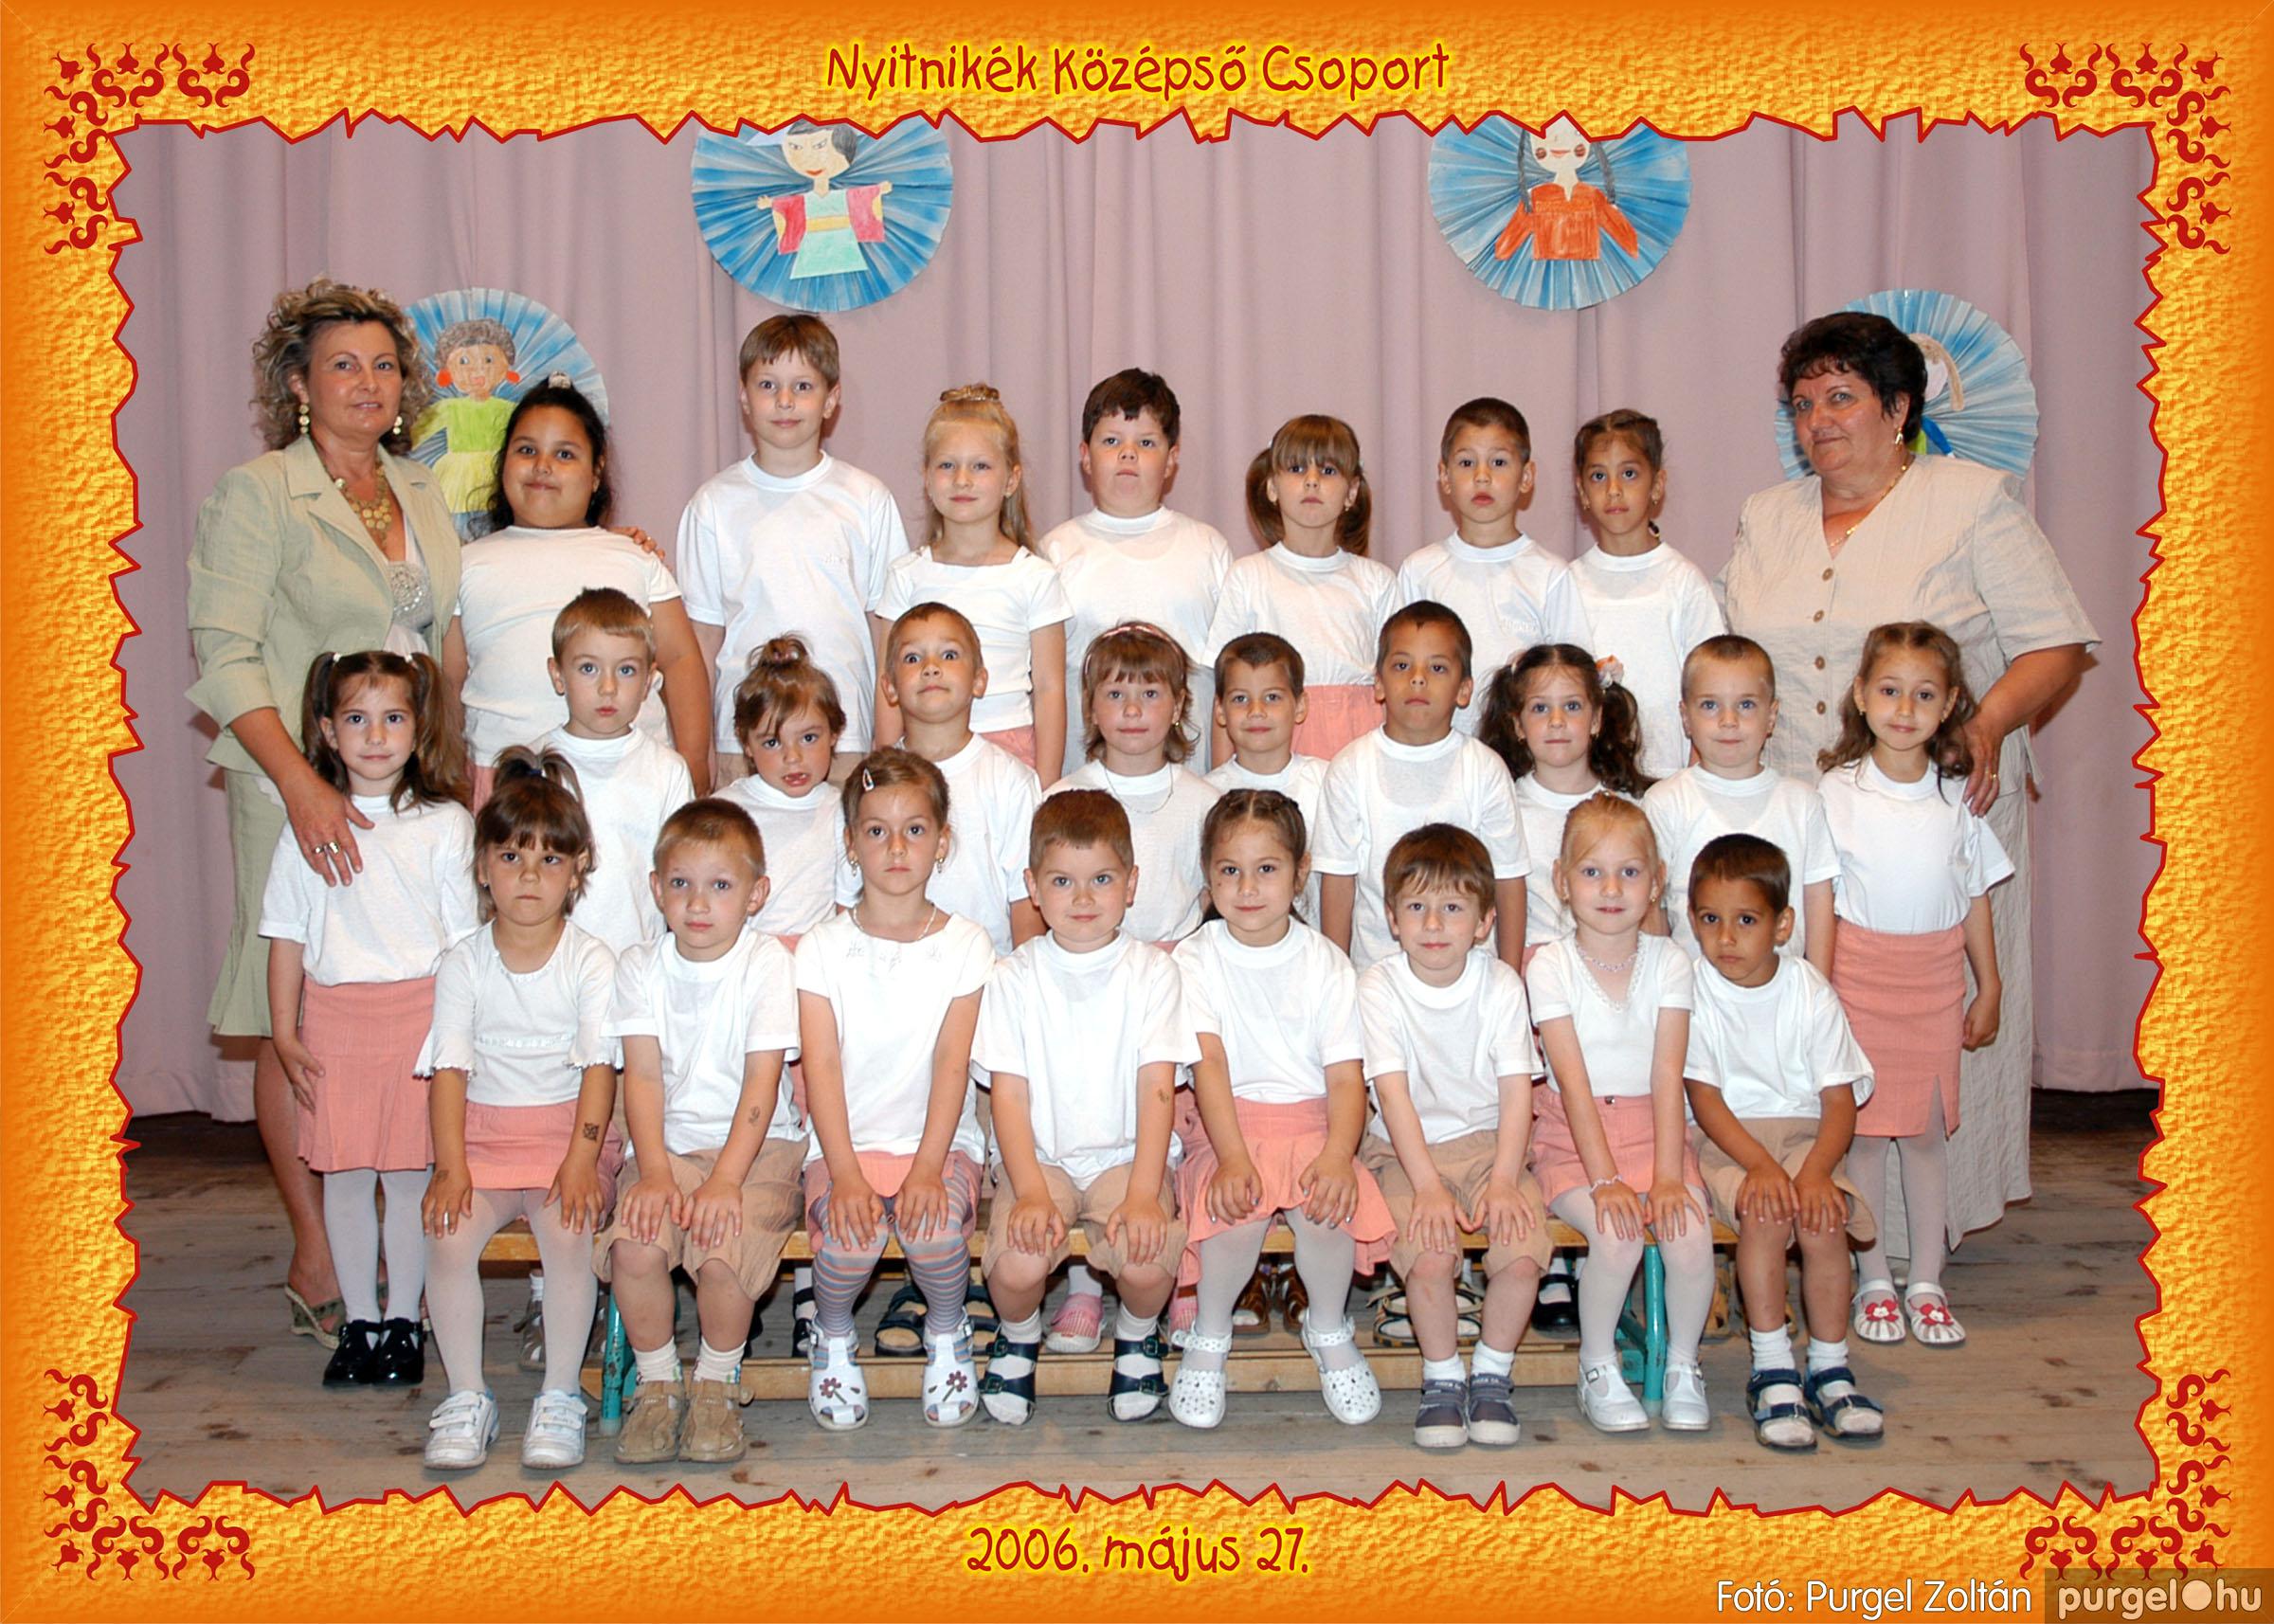 2006.05.10-27. 020 Kurca-parti Óvoda csoportképek 2006. - Fotó:PURGEL ZOLTÁN© csoport-553-nyitnikék.jpg